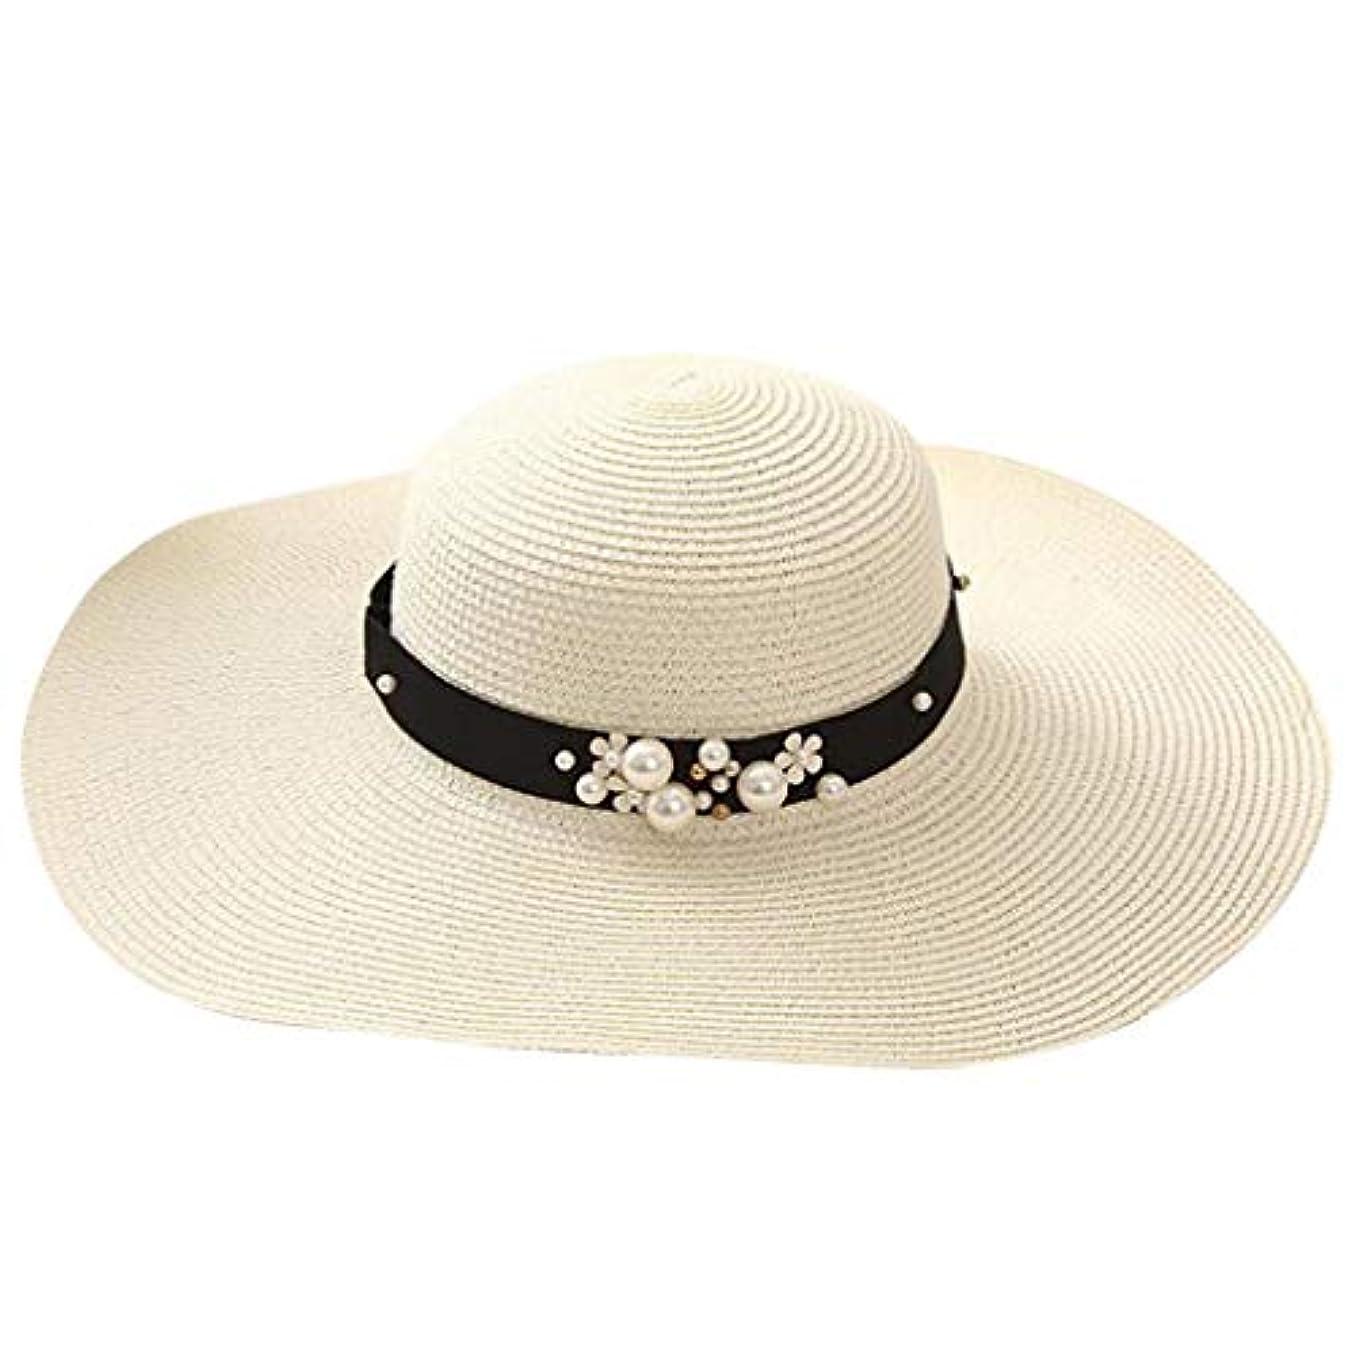 実現可能ライトニングチャールズキージング漁師の帽子 ROSE ROMAN UVカット 帽子 帽子 レディース 麦わら帽子 UV帽子 紫外線対策 通気性 取り外すあご紐 サイズ調節可 つば広 おしゃれ 可愛い ハット 旅行用 日よけ 夏季 女優帽 小顔効果抜群